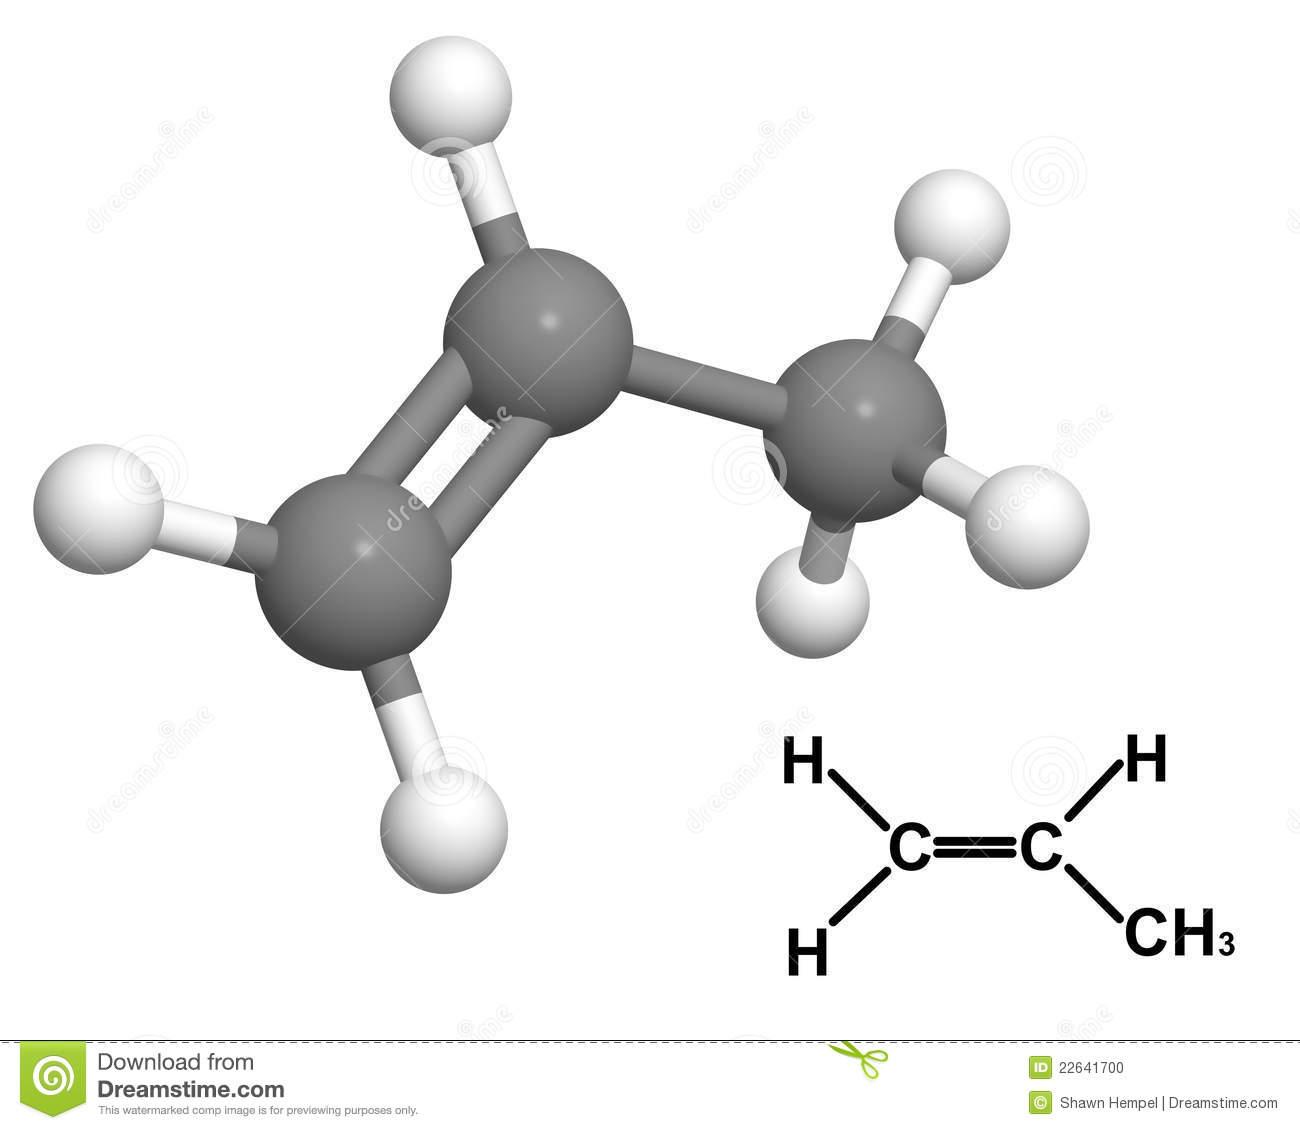 molcula-del-propileno-con-frmula-qumica-22641700